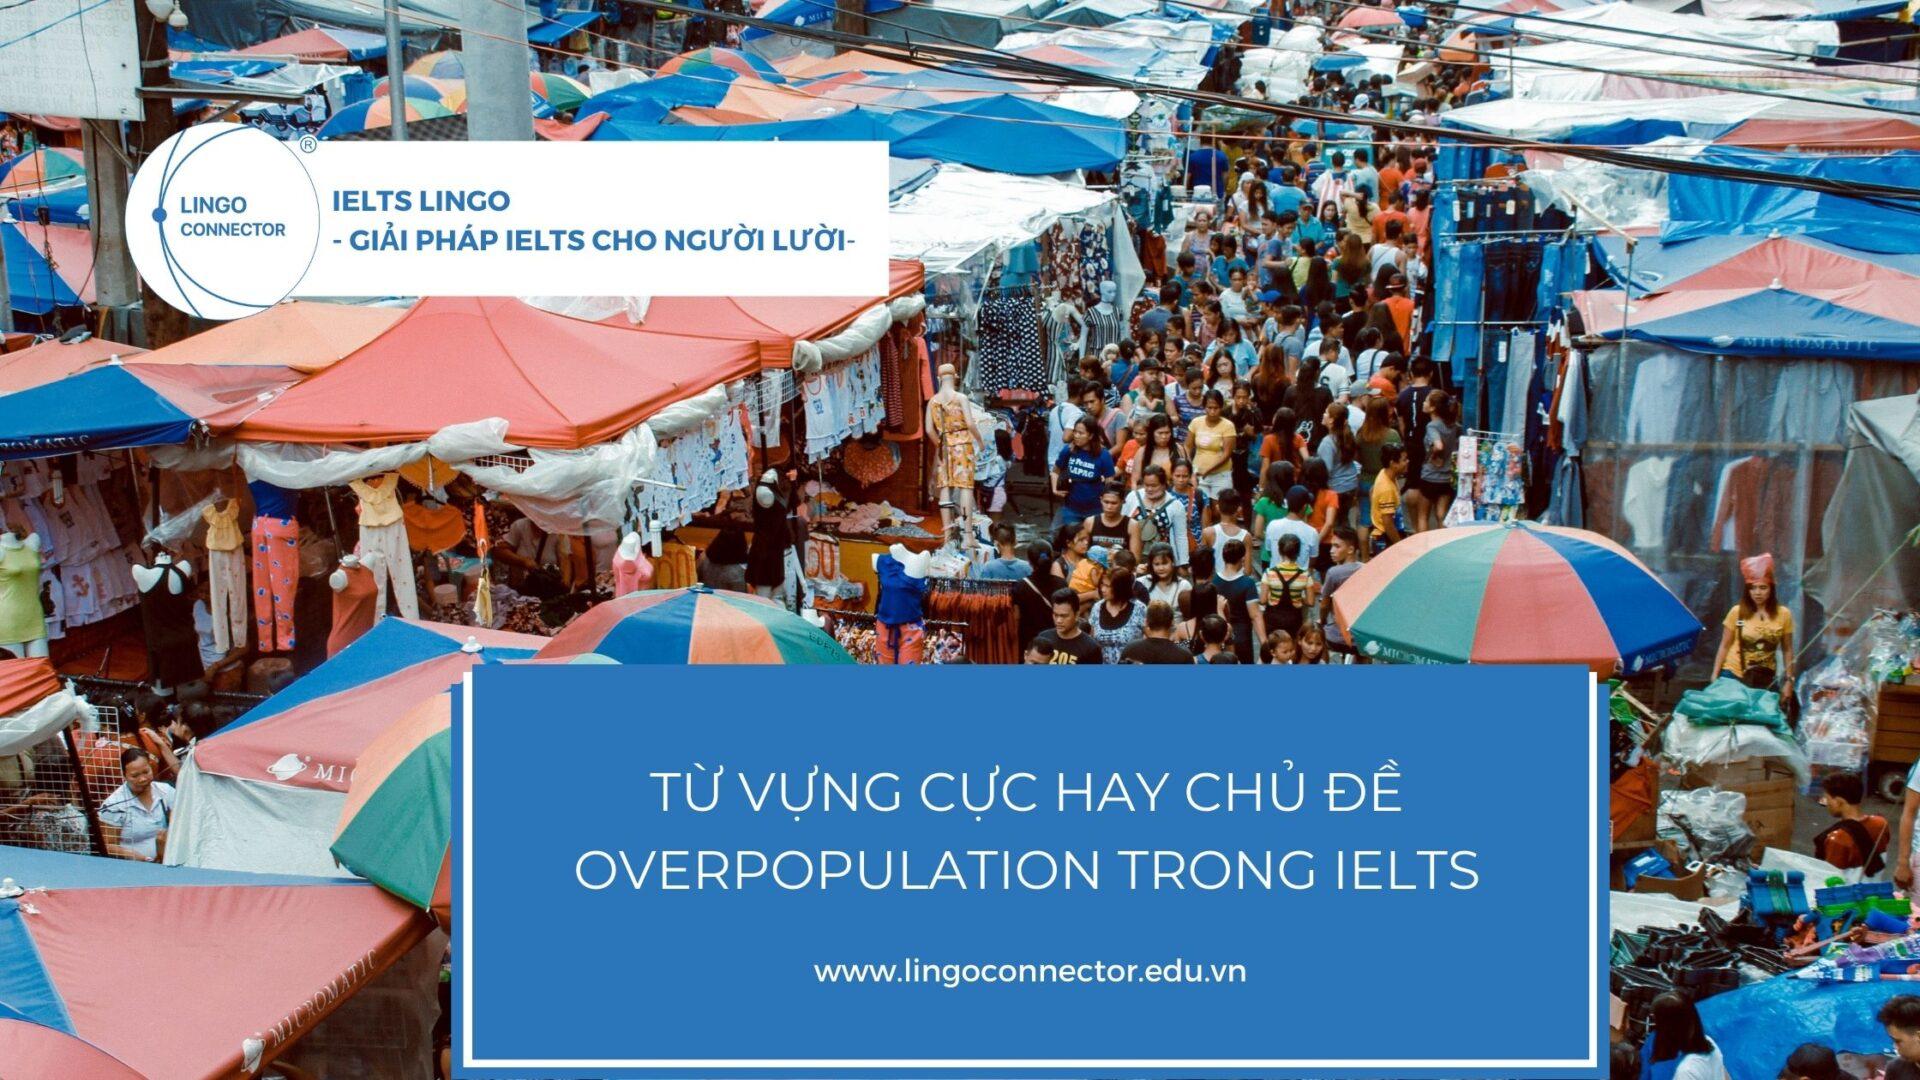 tu-vung-ielts-overpopulation